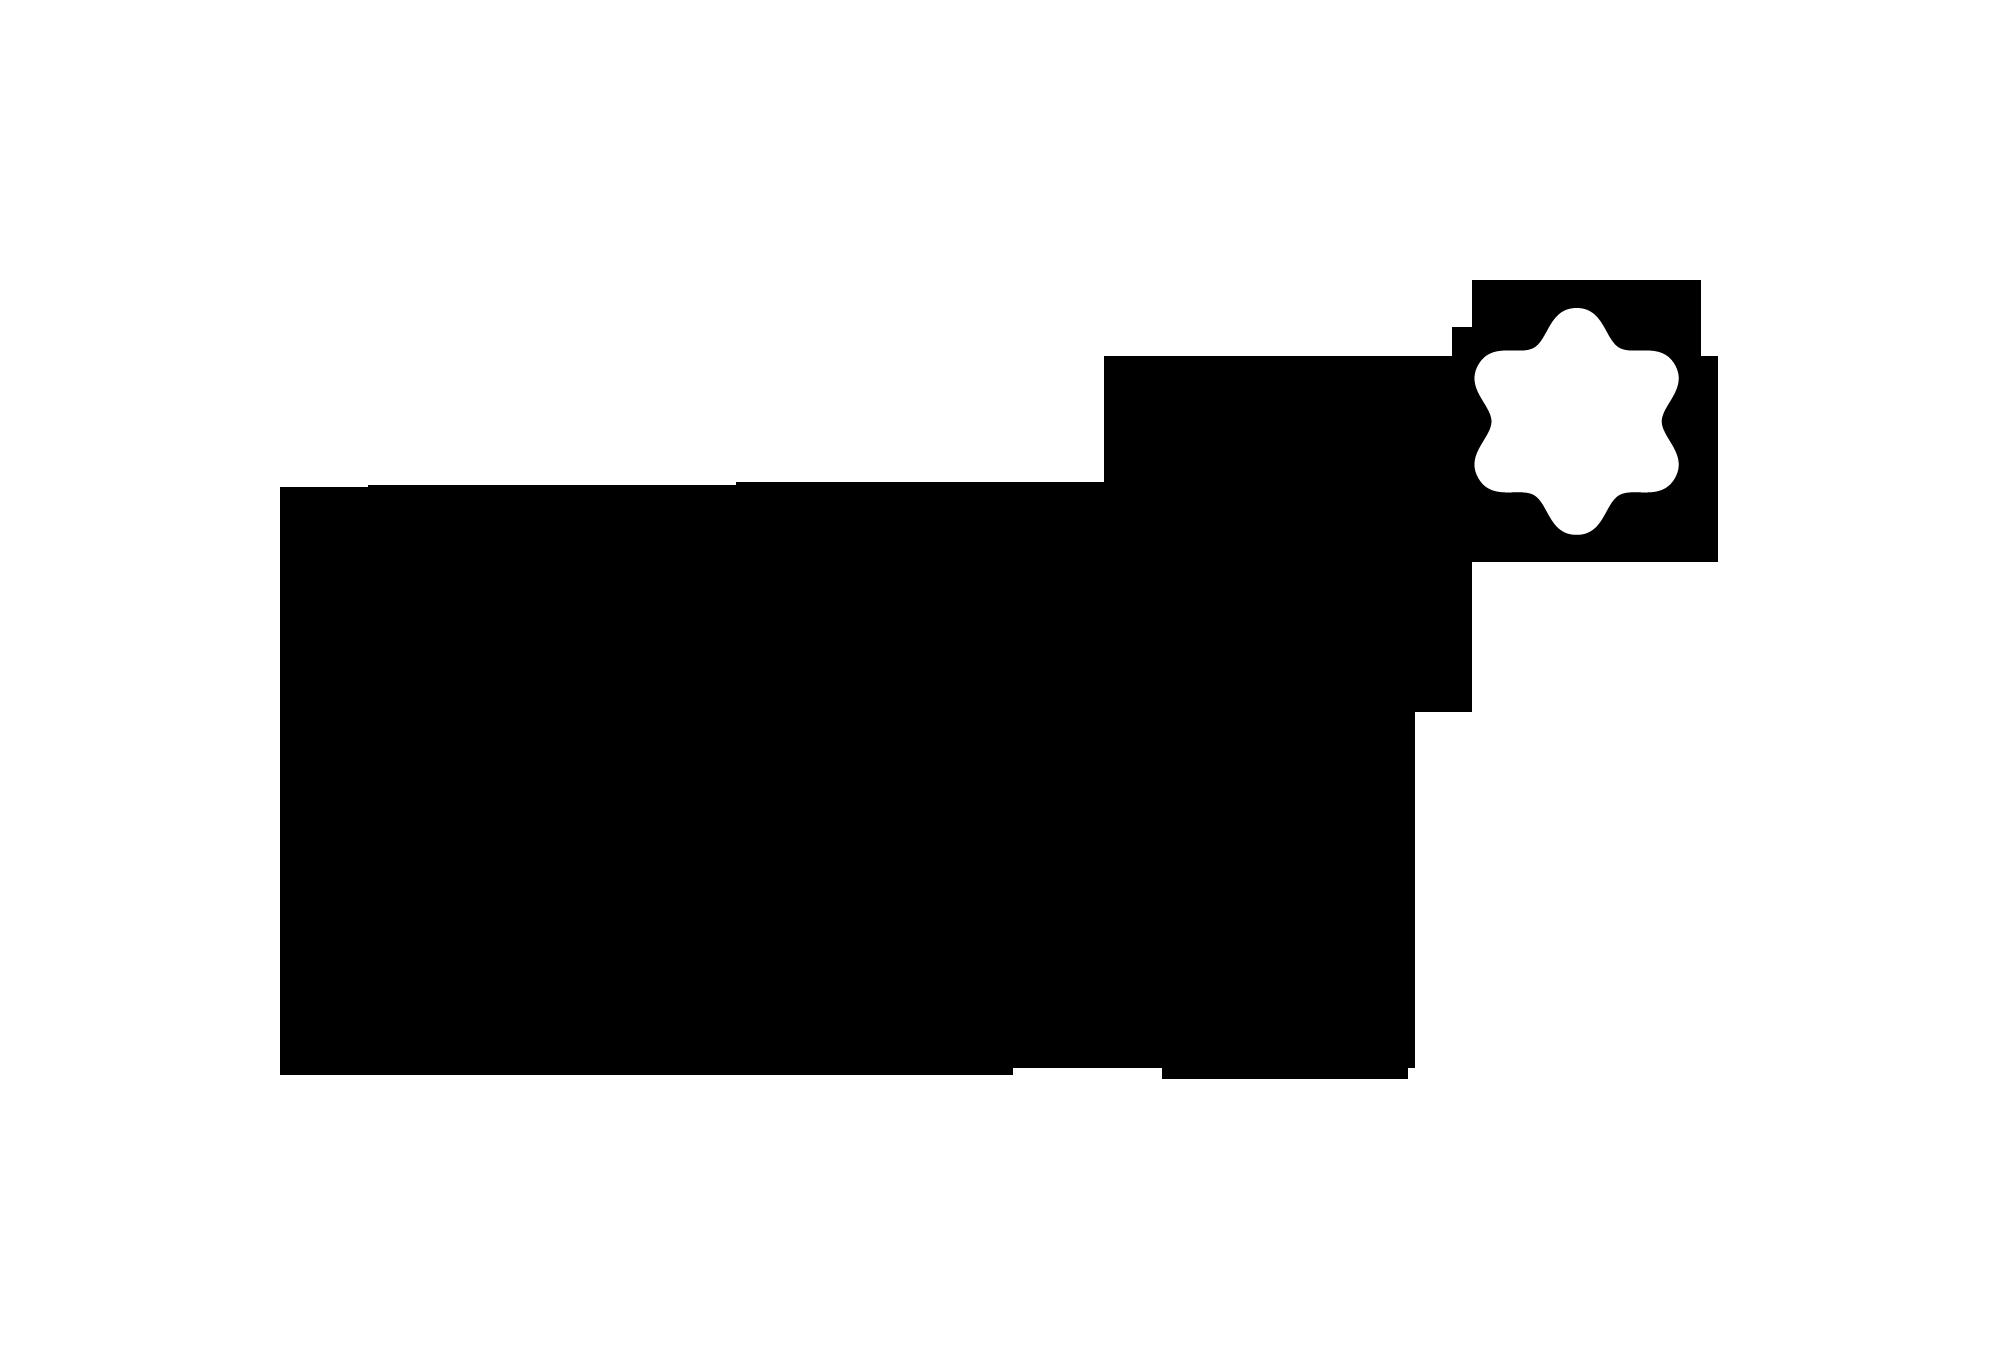 montblanc-logo-son.png